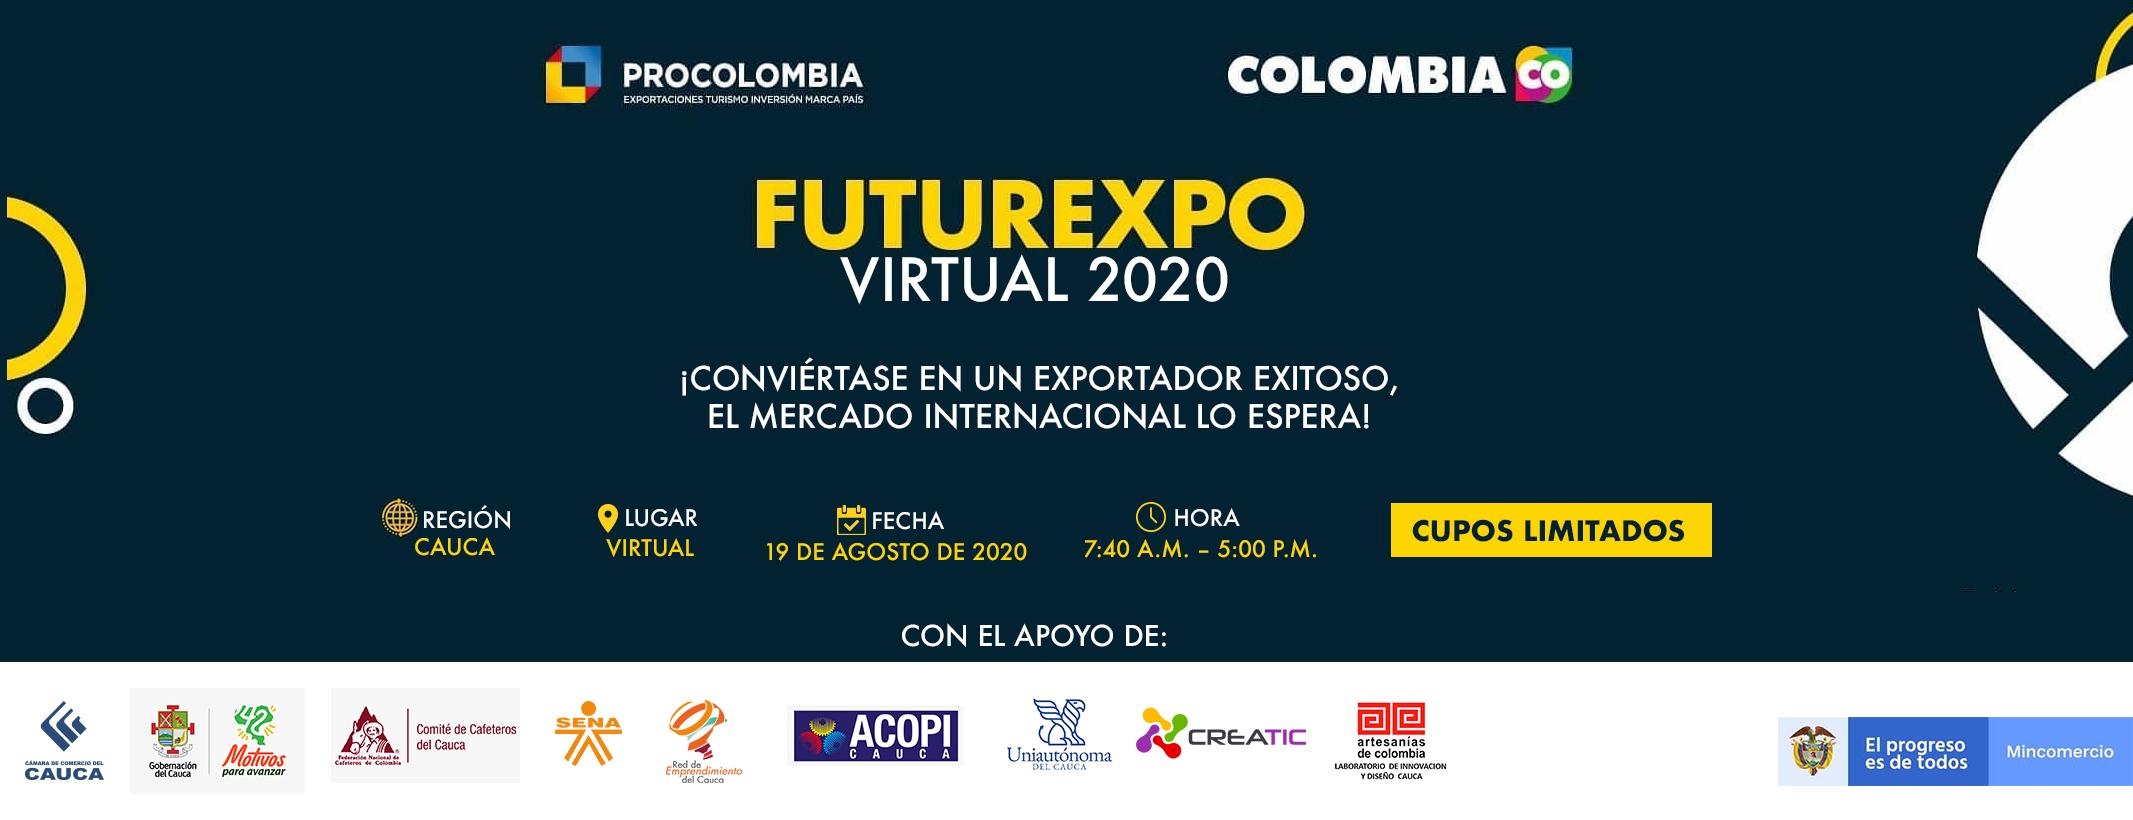 FUTUREXPO VIRTUAL CAUCA 2020 - EVENTO GRATUITO